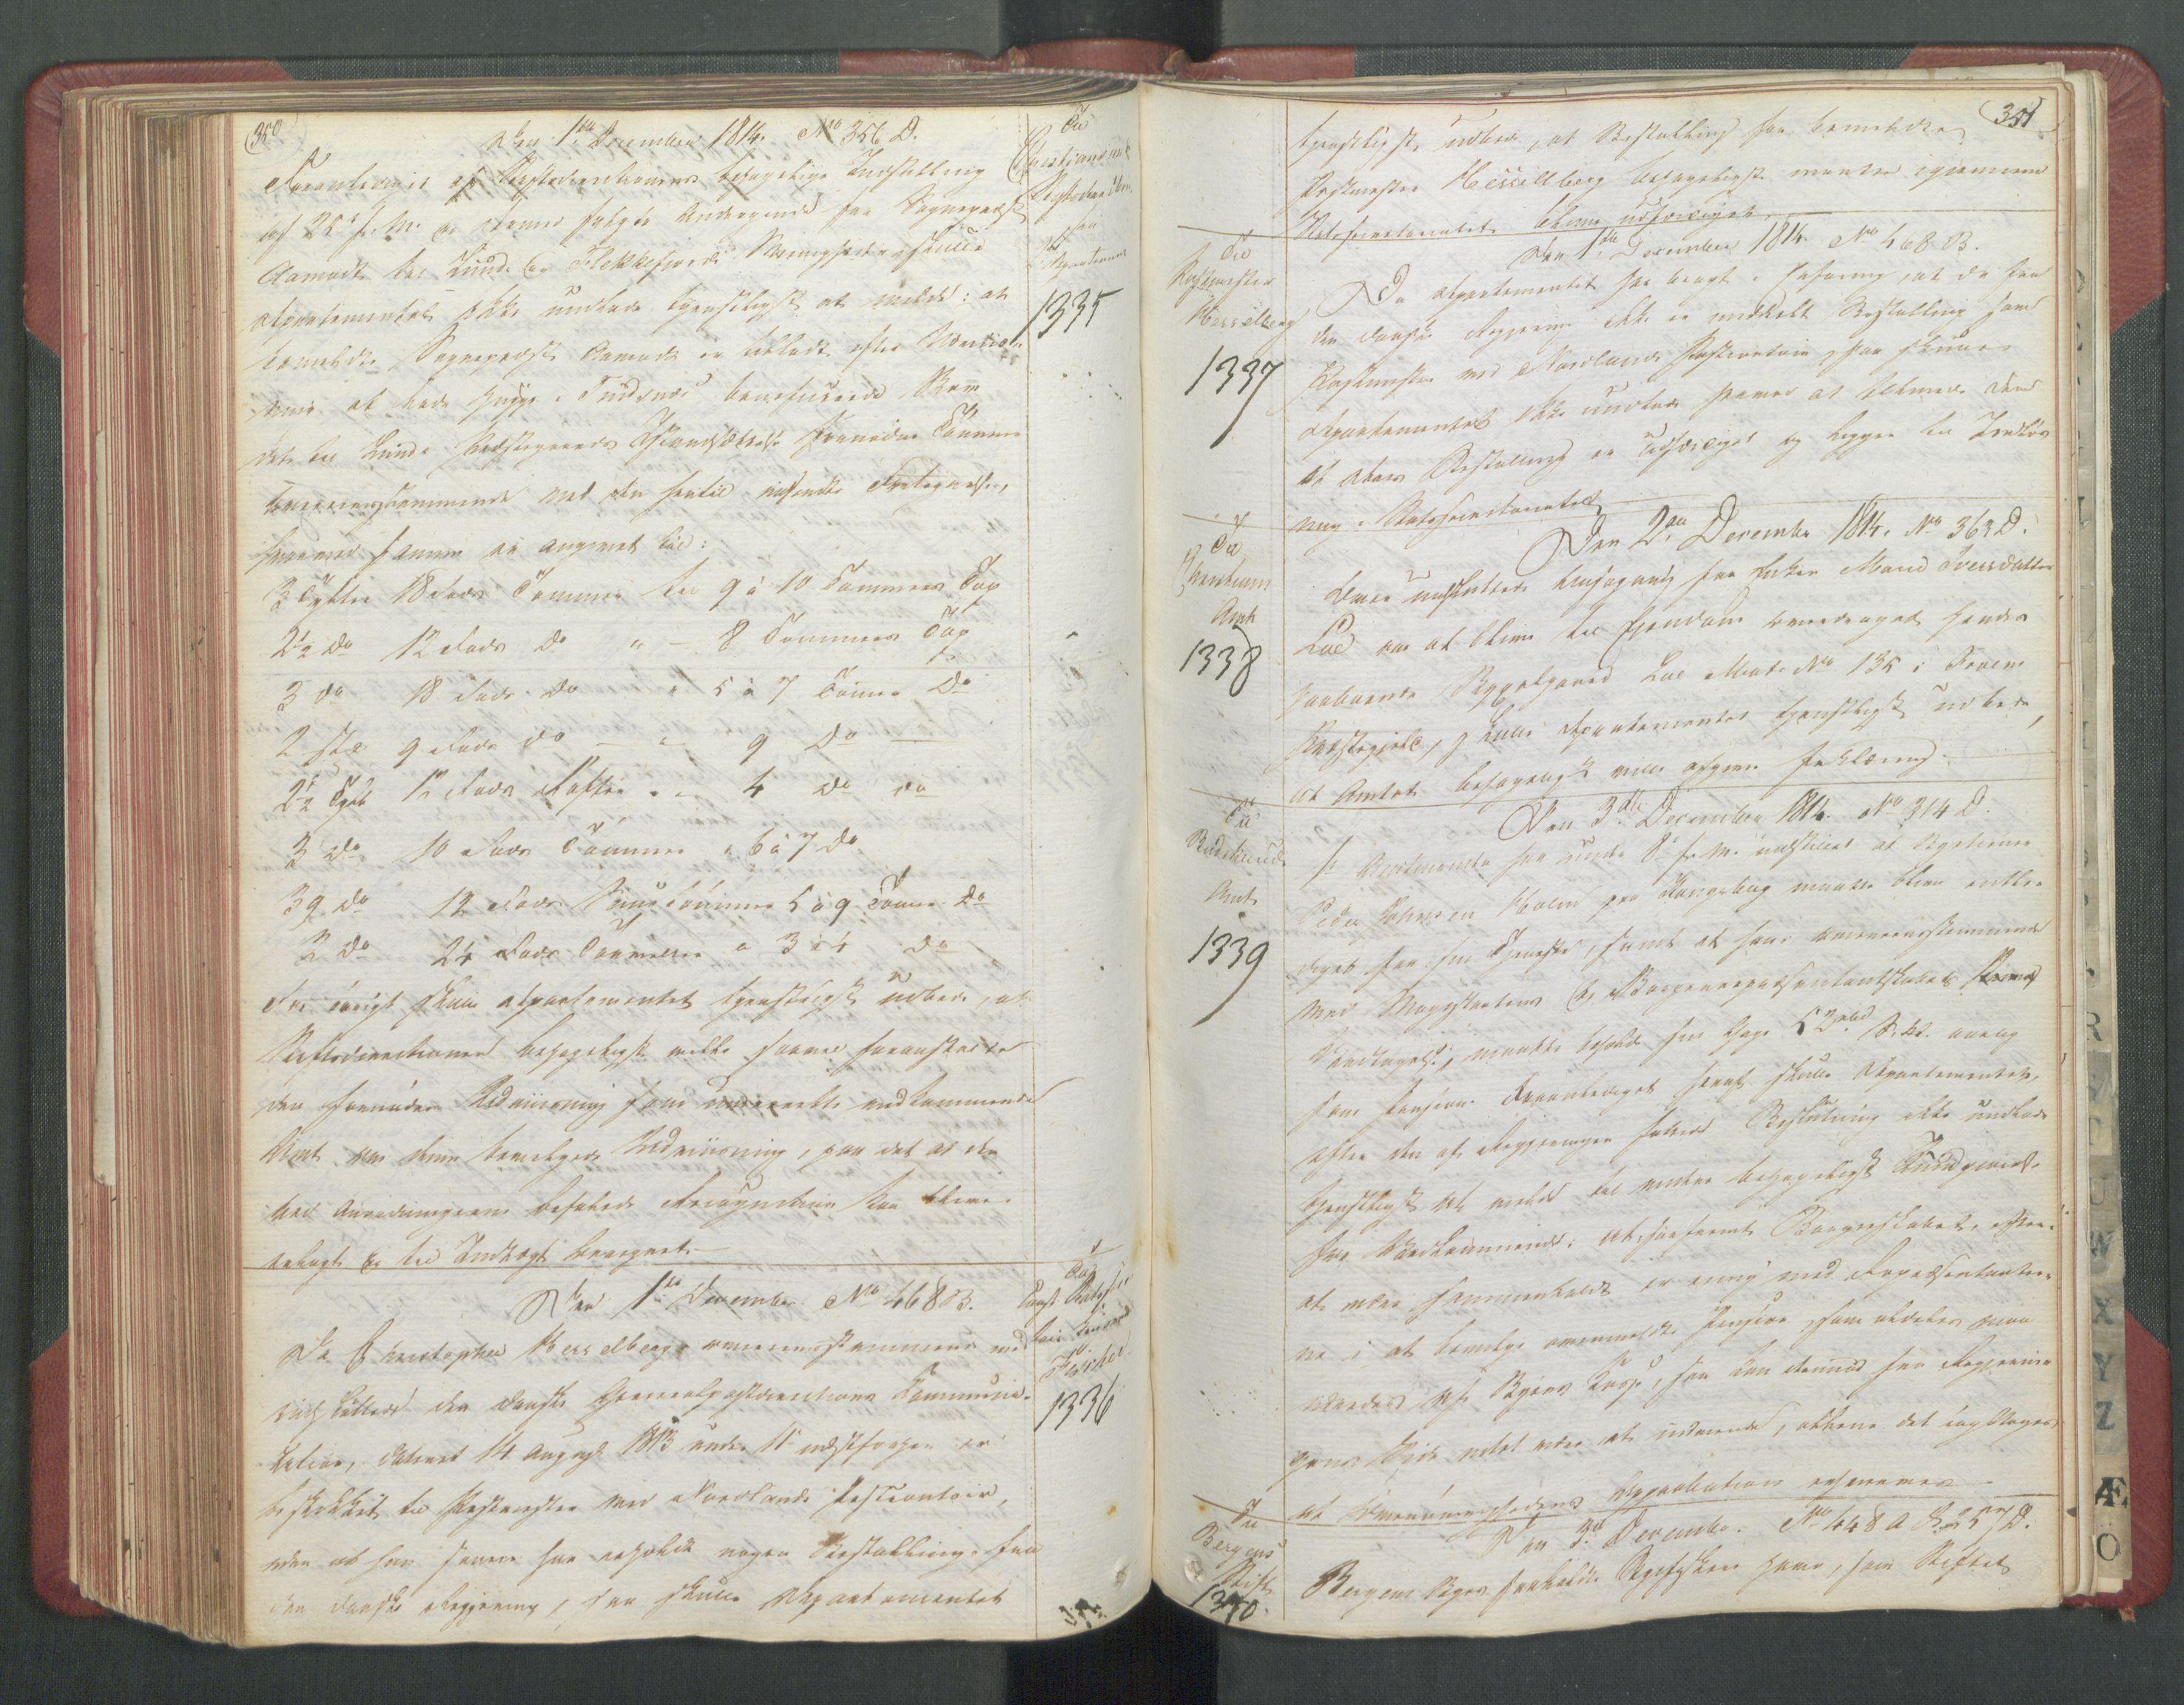 RA, Departementene i 1814, Fb/L0028: Kopibok 1-1371, 1814, s. 350-351